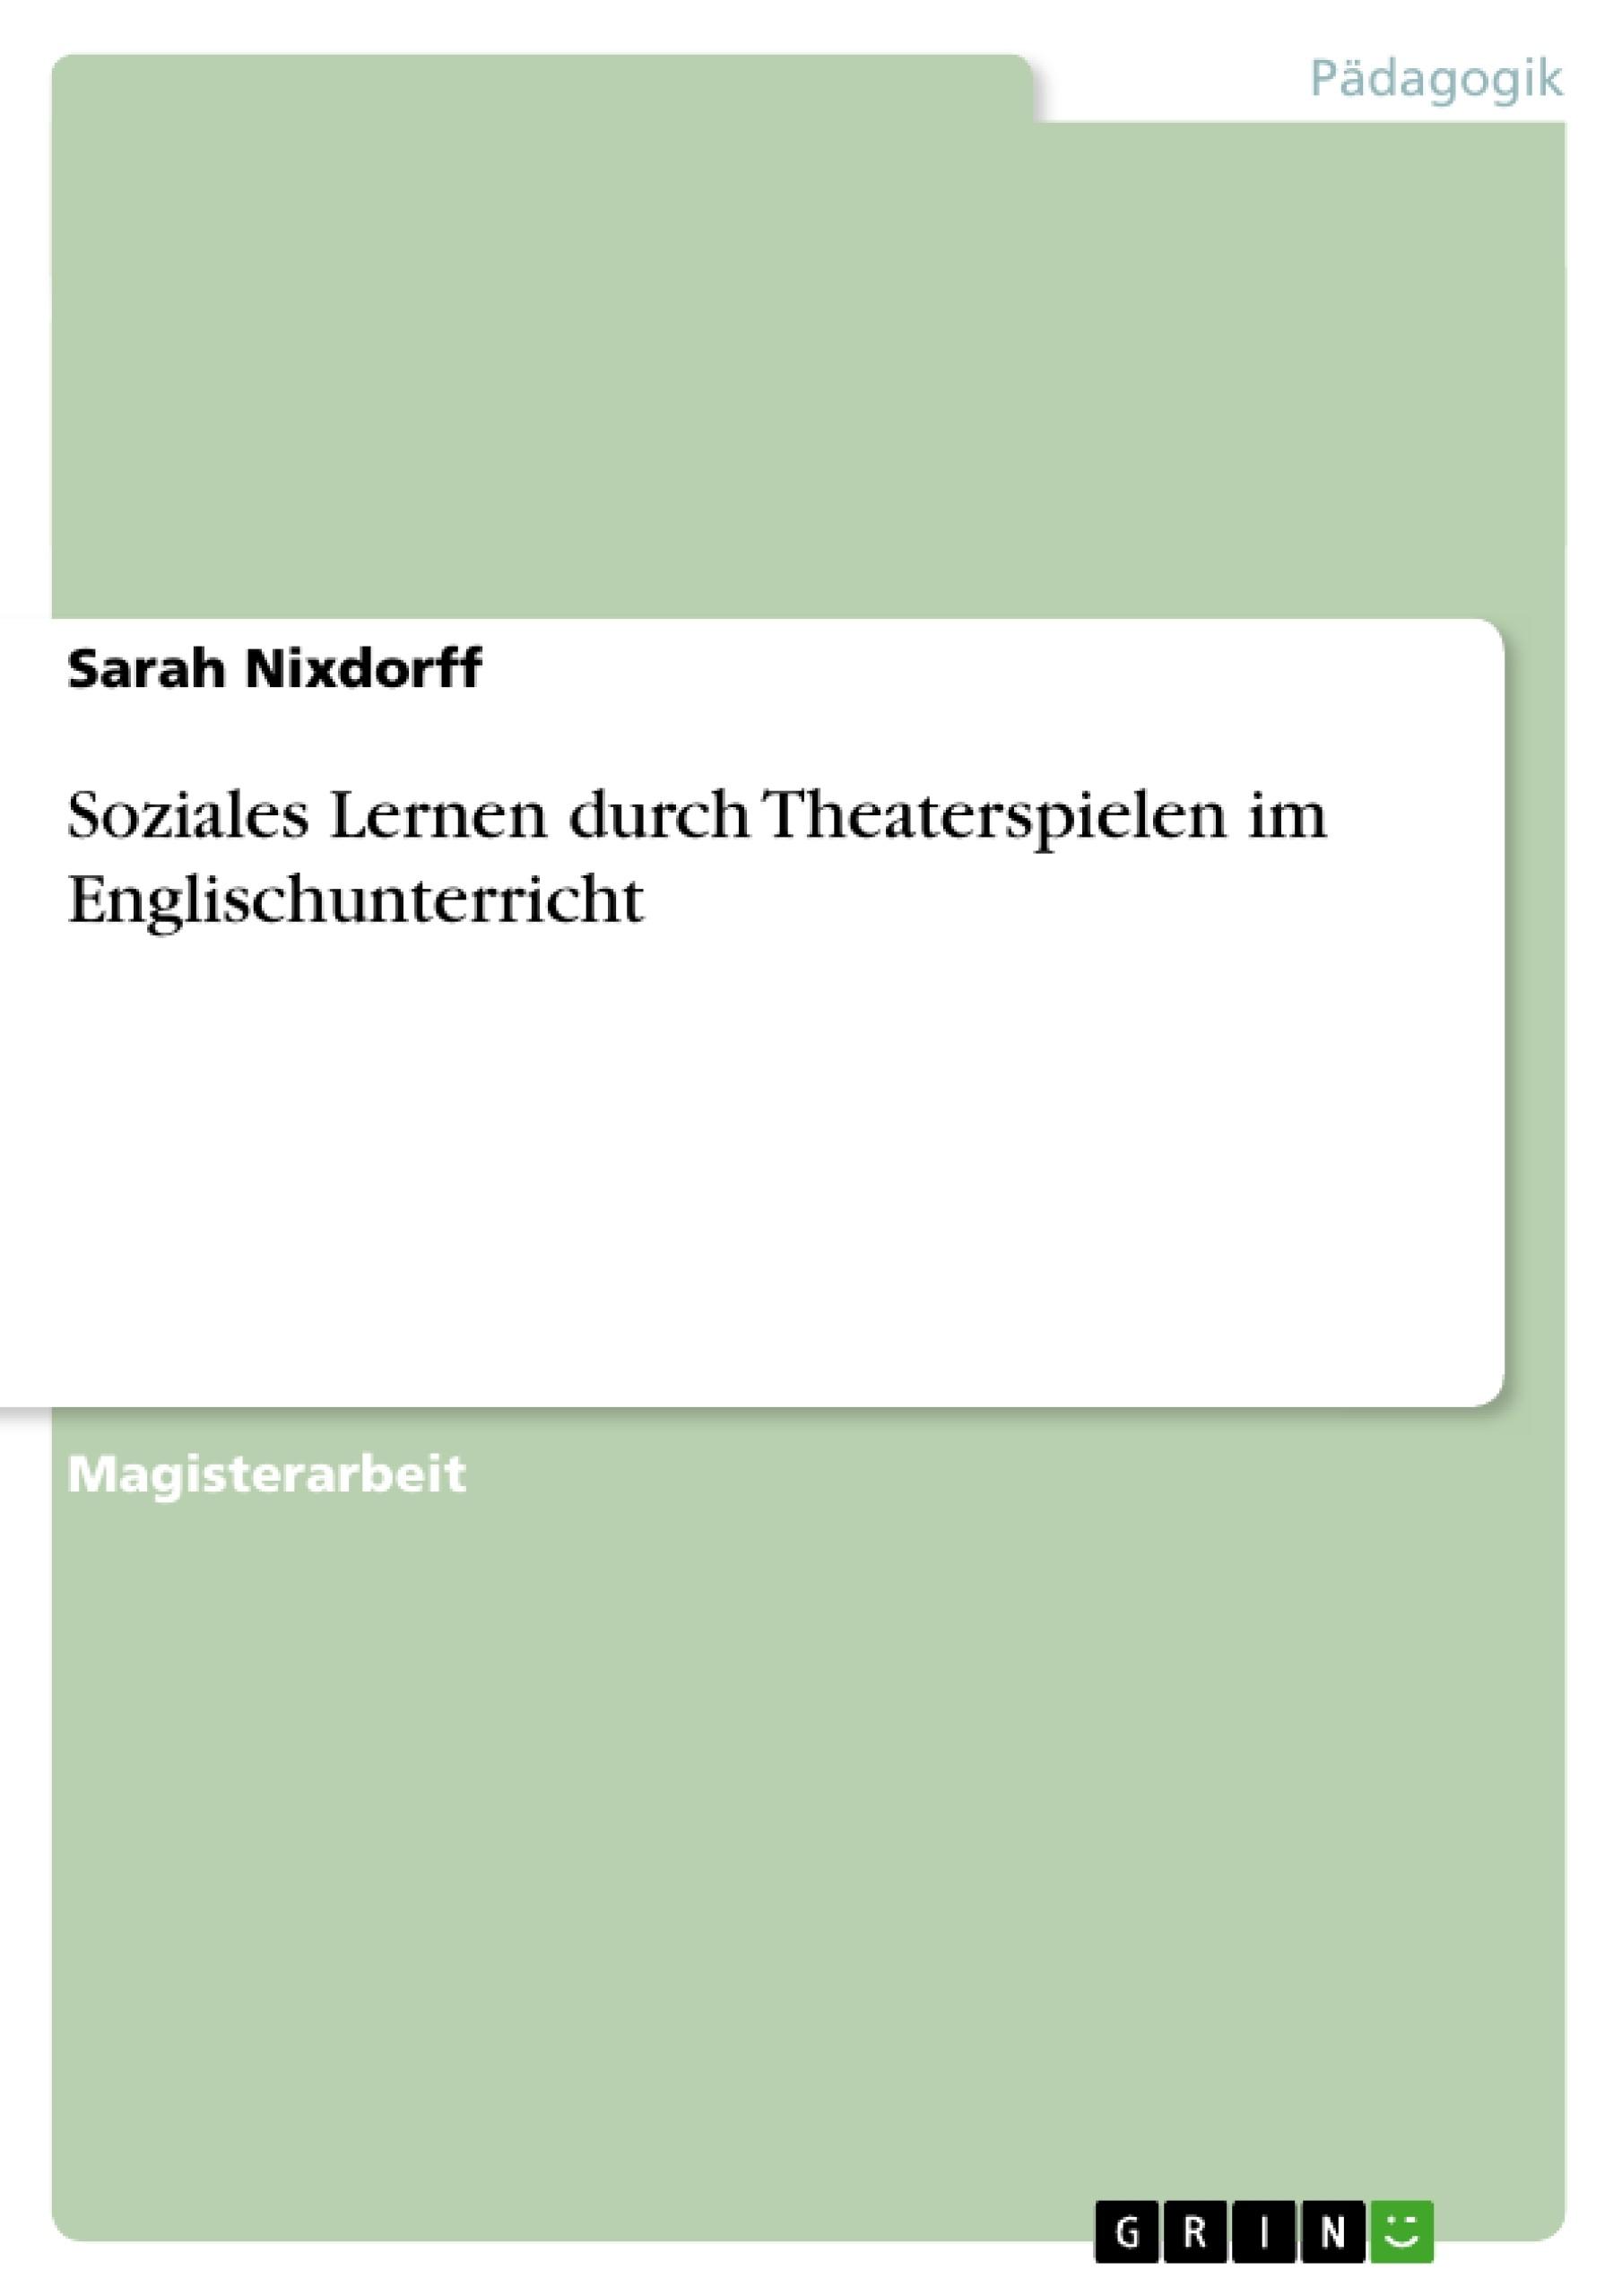 Titel: Soziales Lernen durch Theaterspielen im Englischunterricht